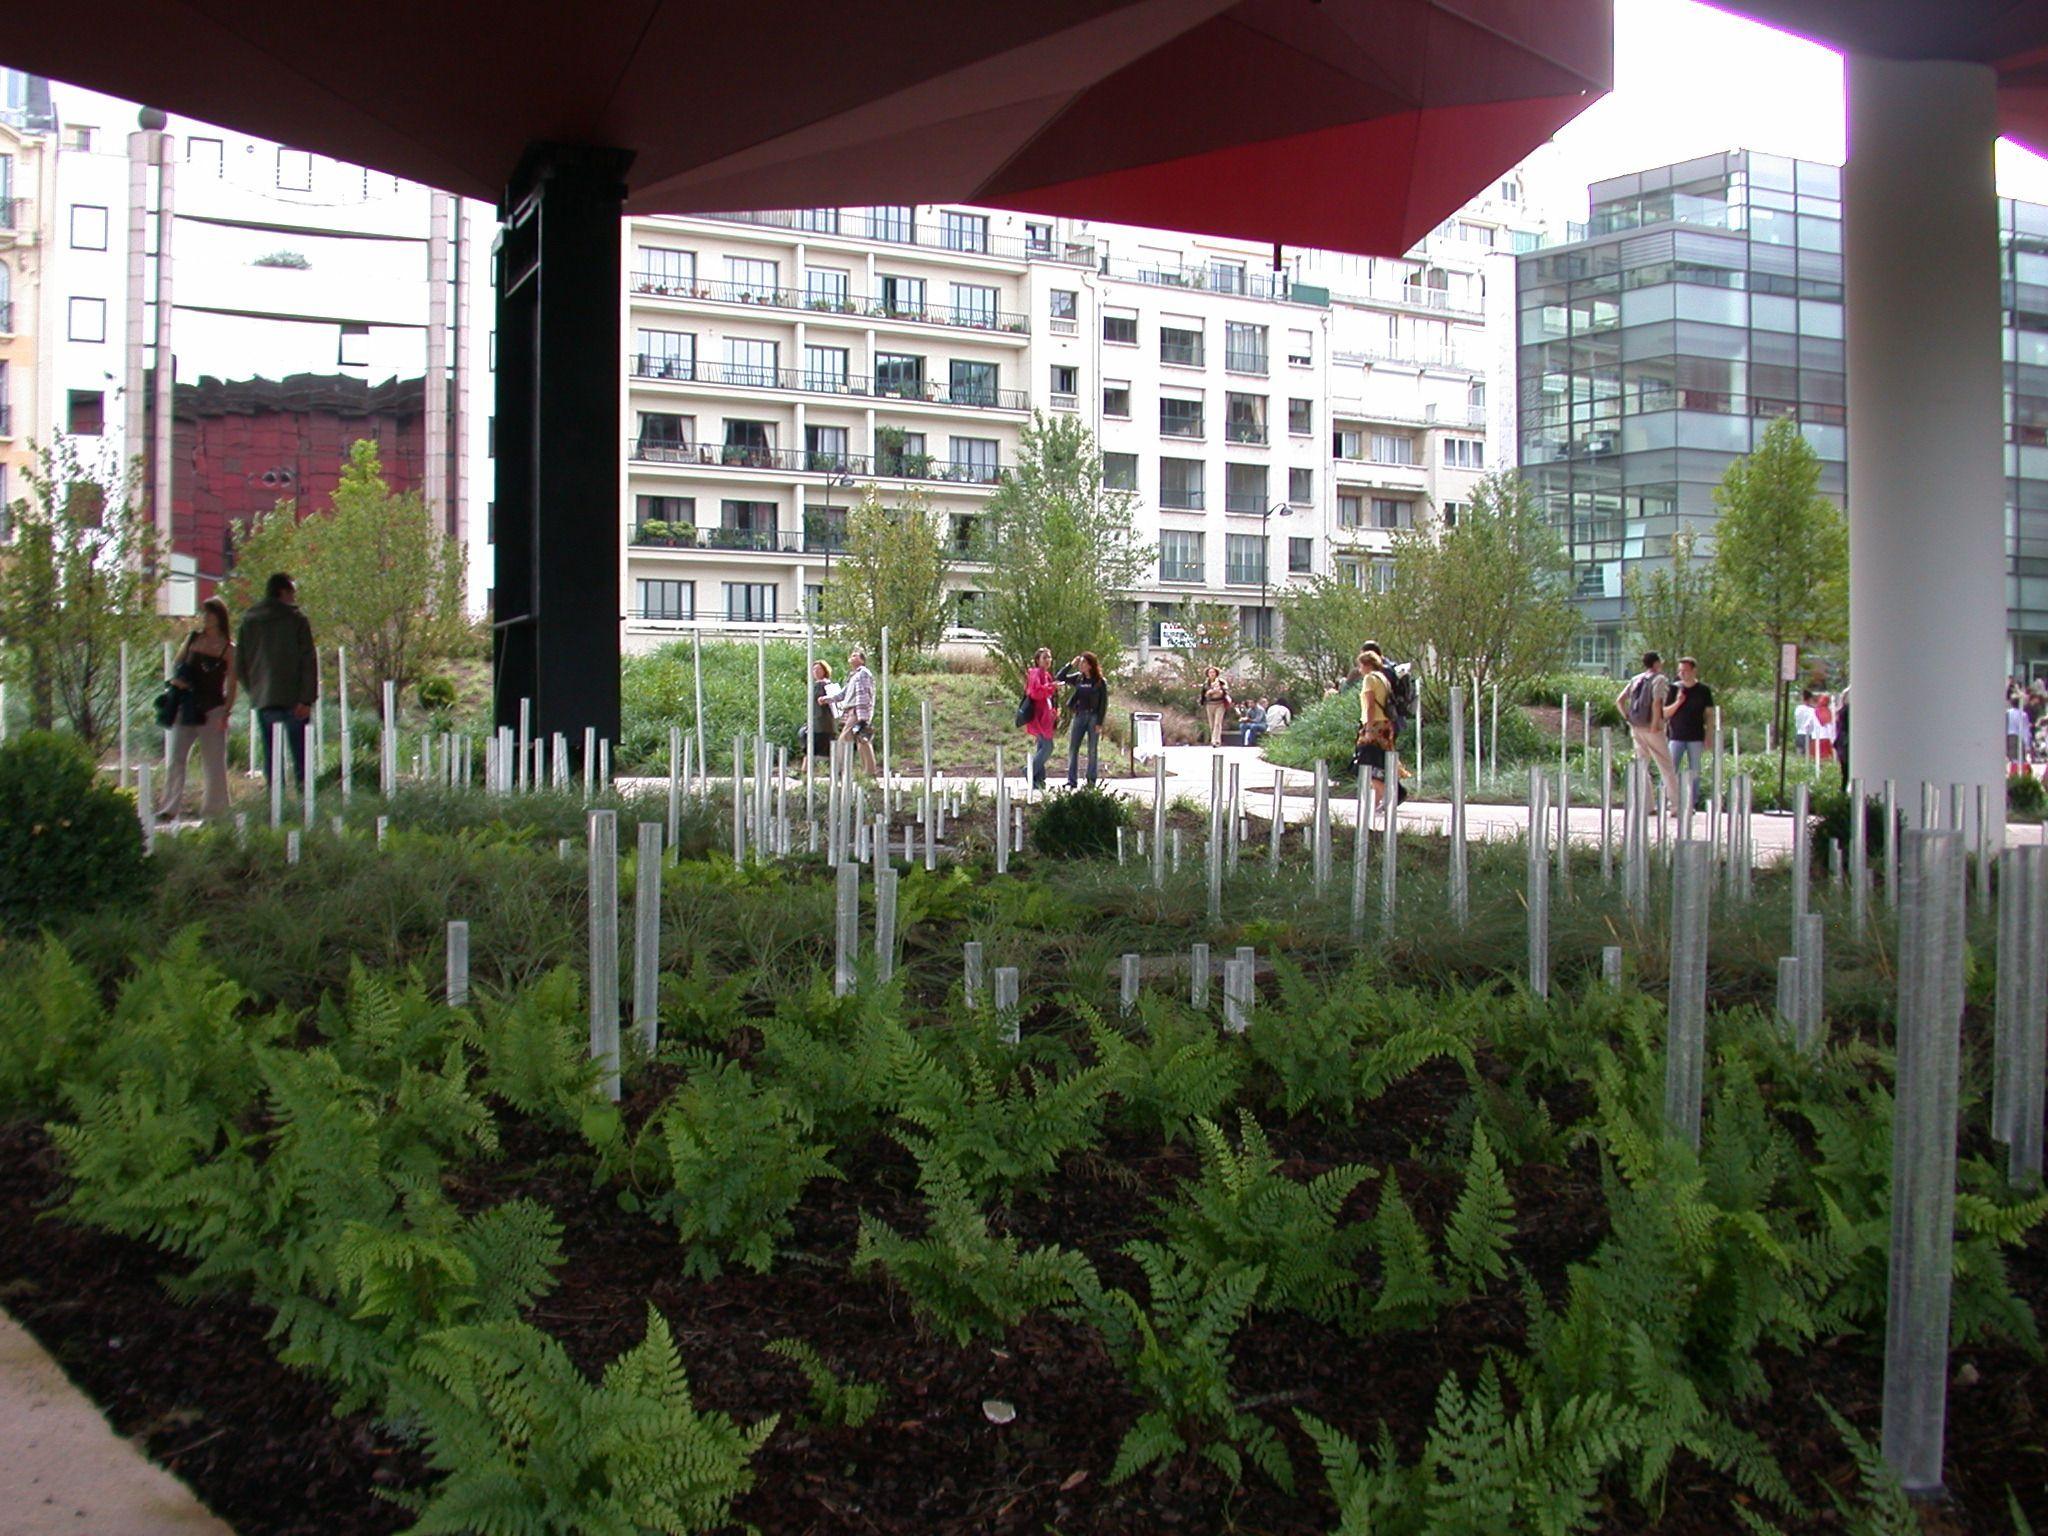 Jardin du quai branly g cl ment 2006 gr ce la for Exterieur quai le bouillon de l est